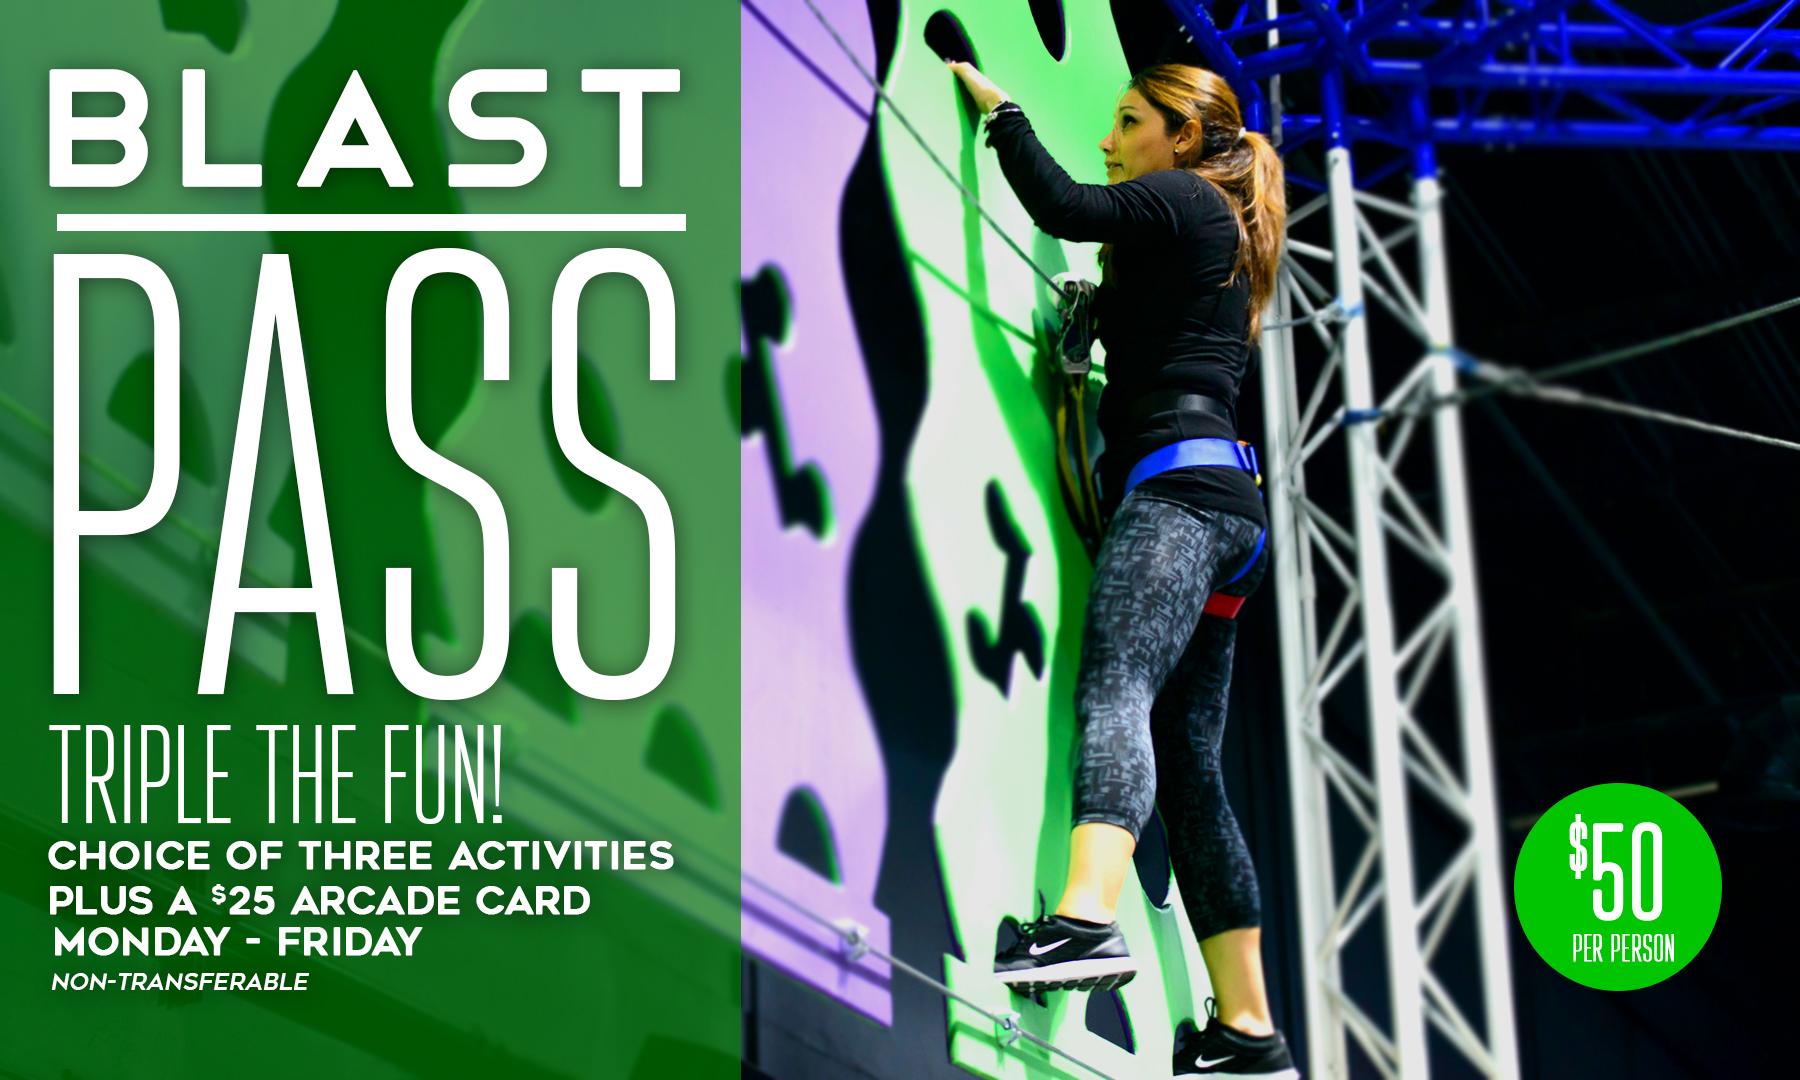 Blast Pass